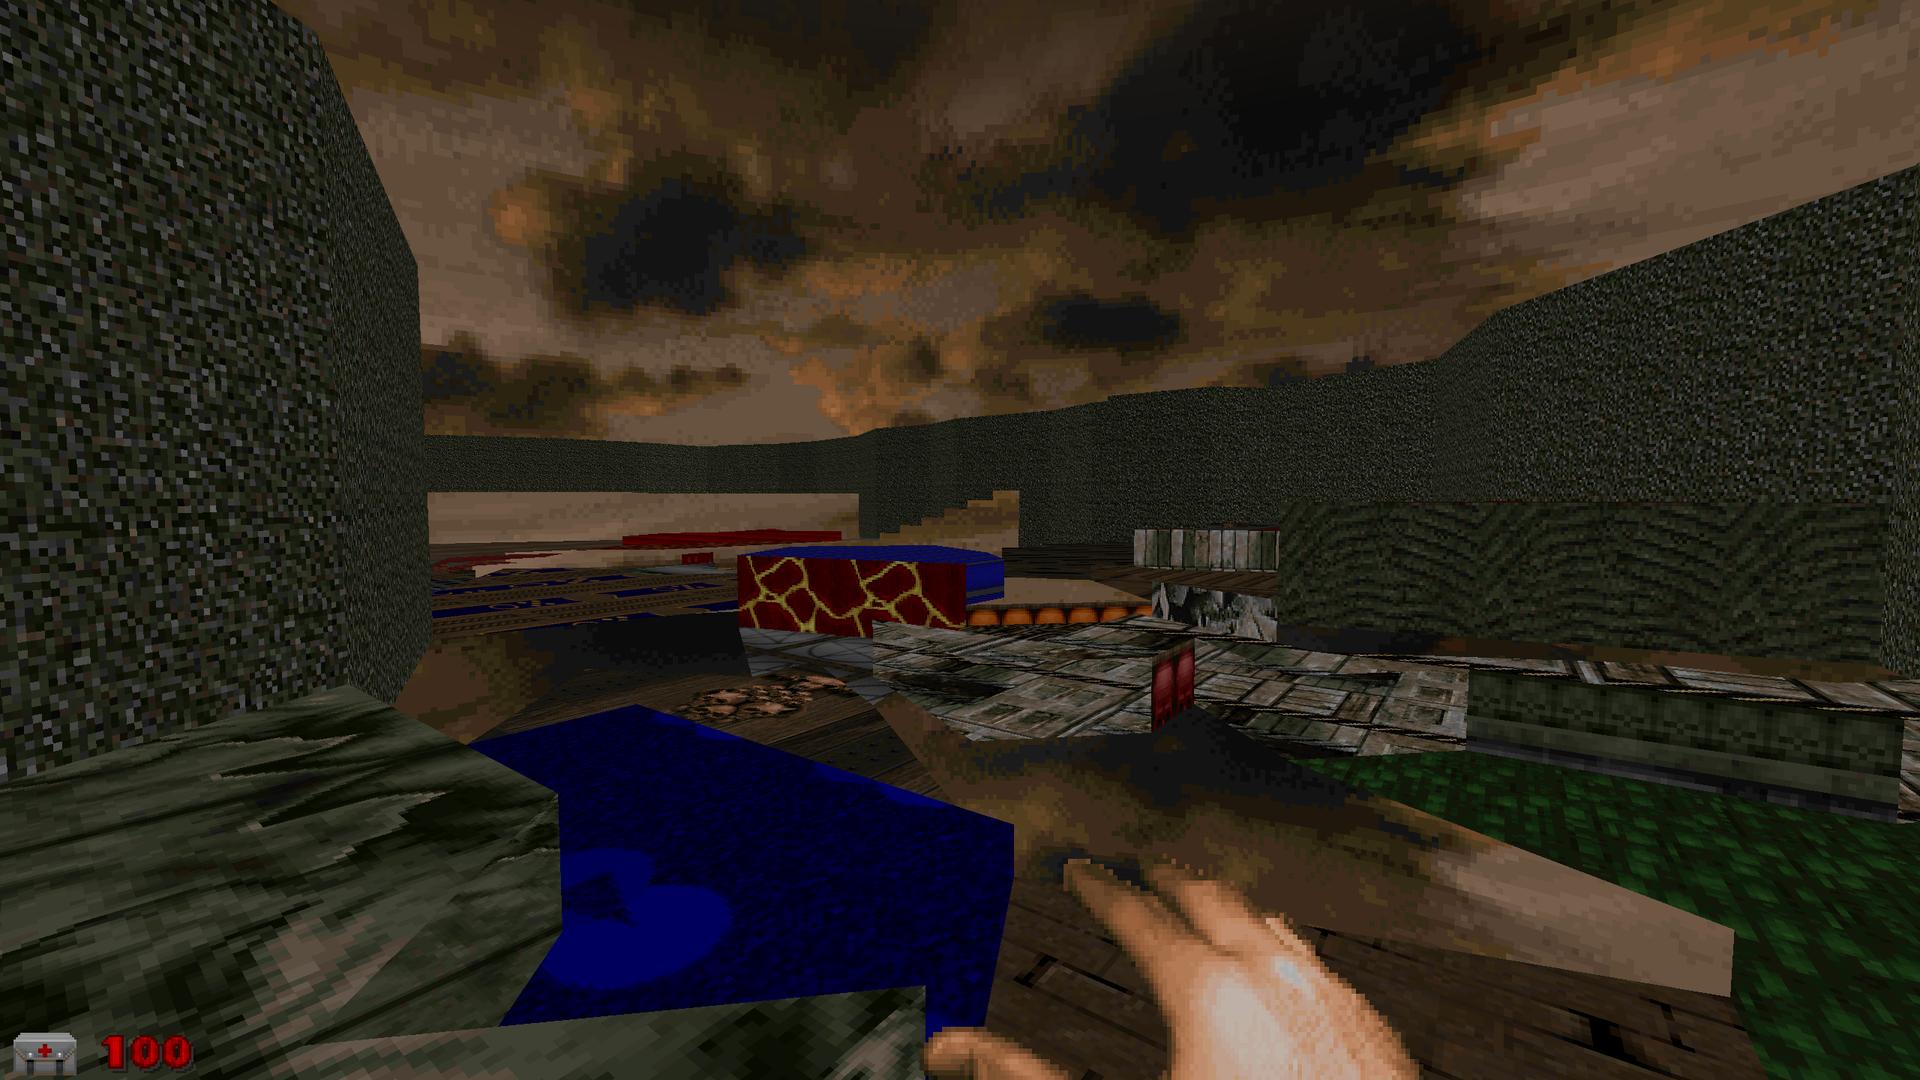 Screenshot_Doom_20190630_151043.png.7e7b45e6020fc986652cb3e081254d6d.png